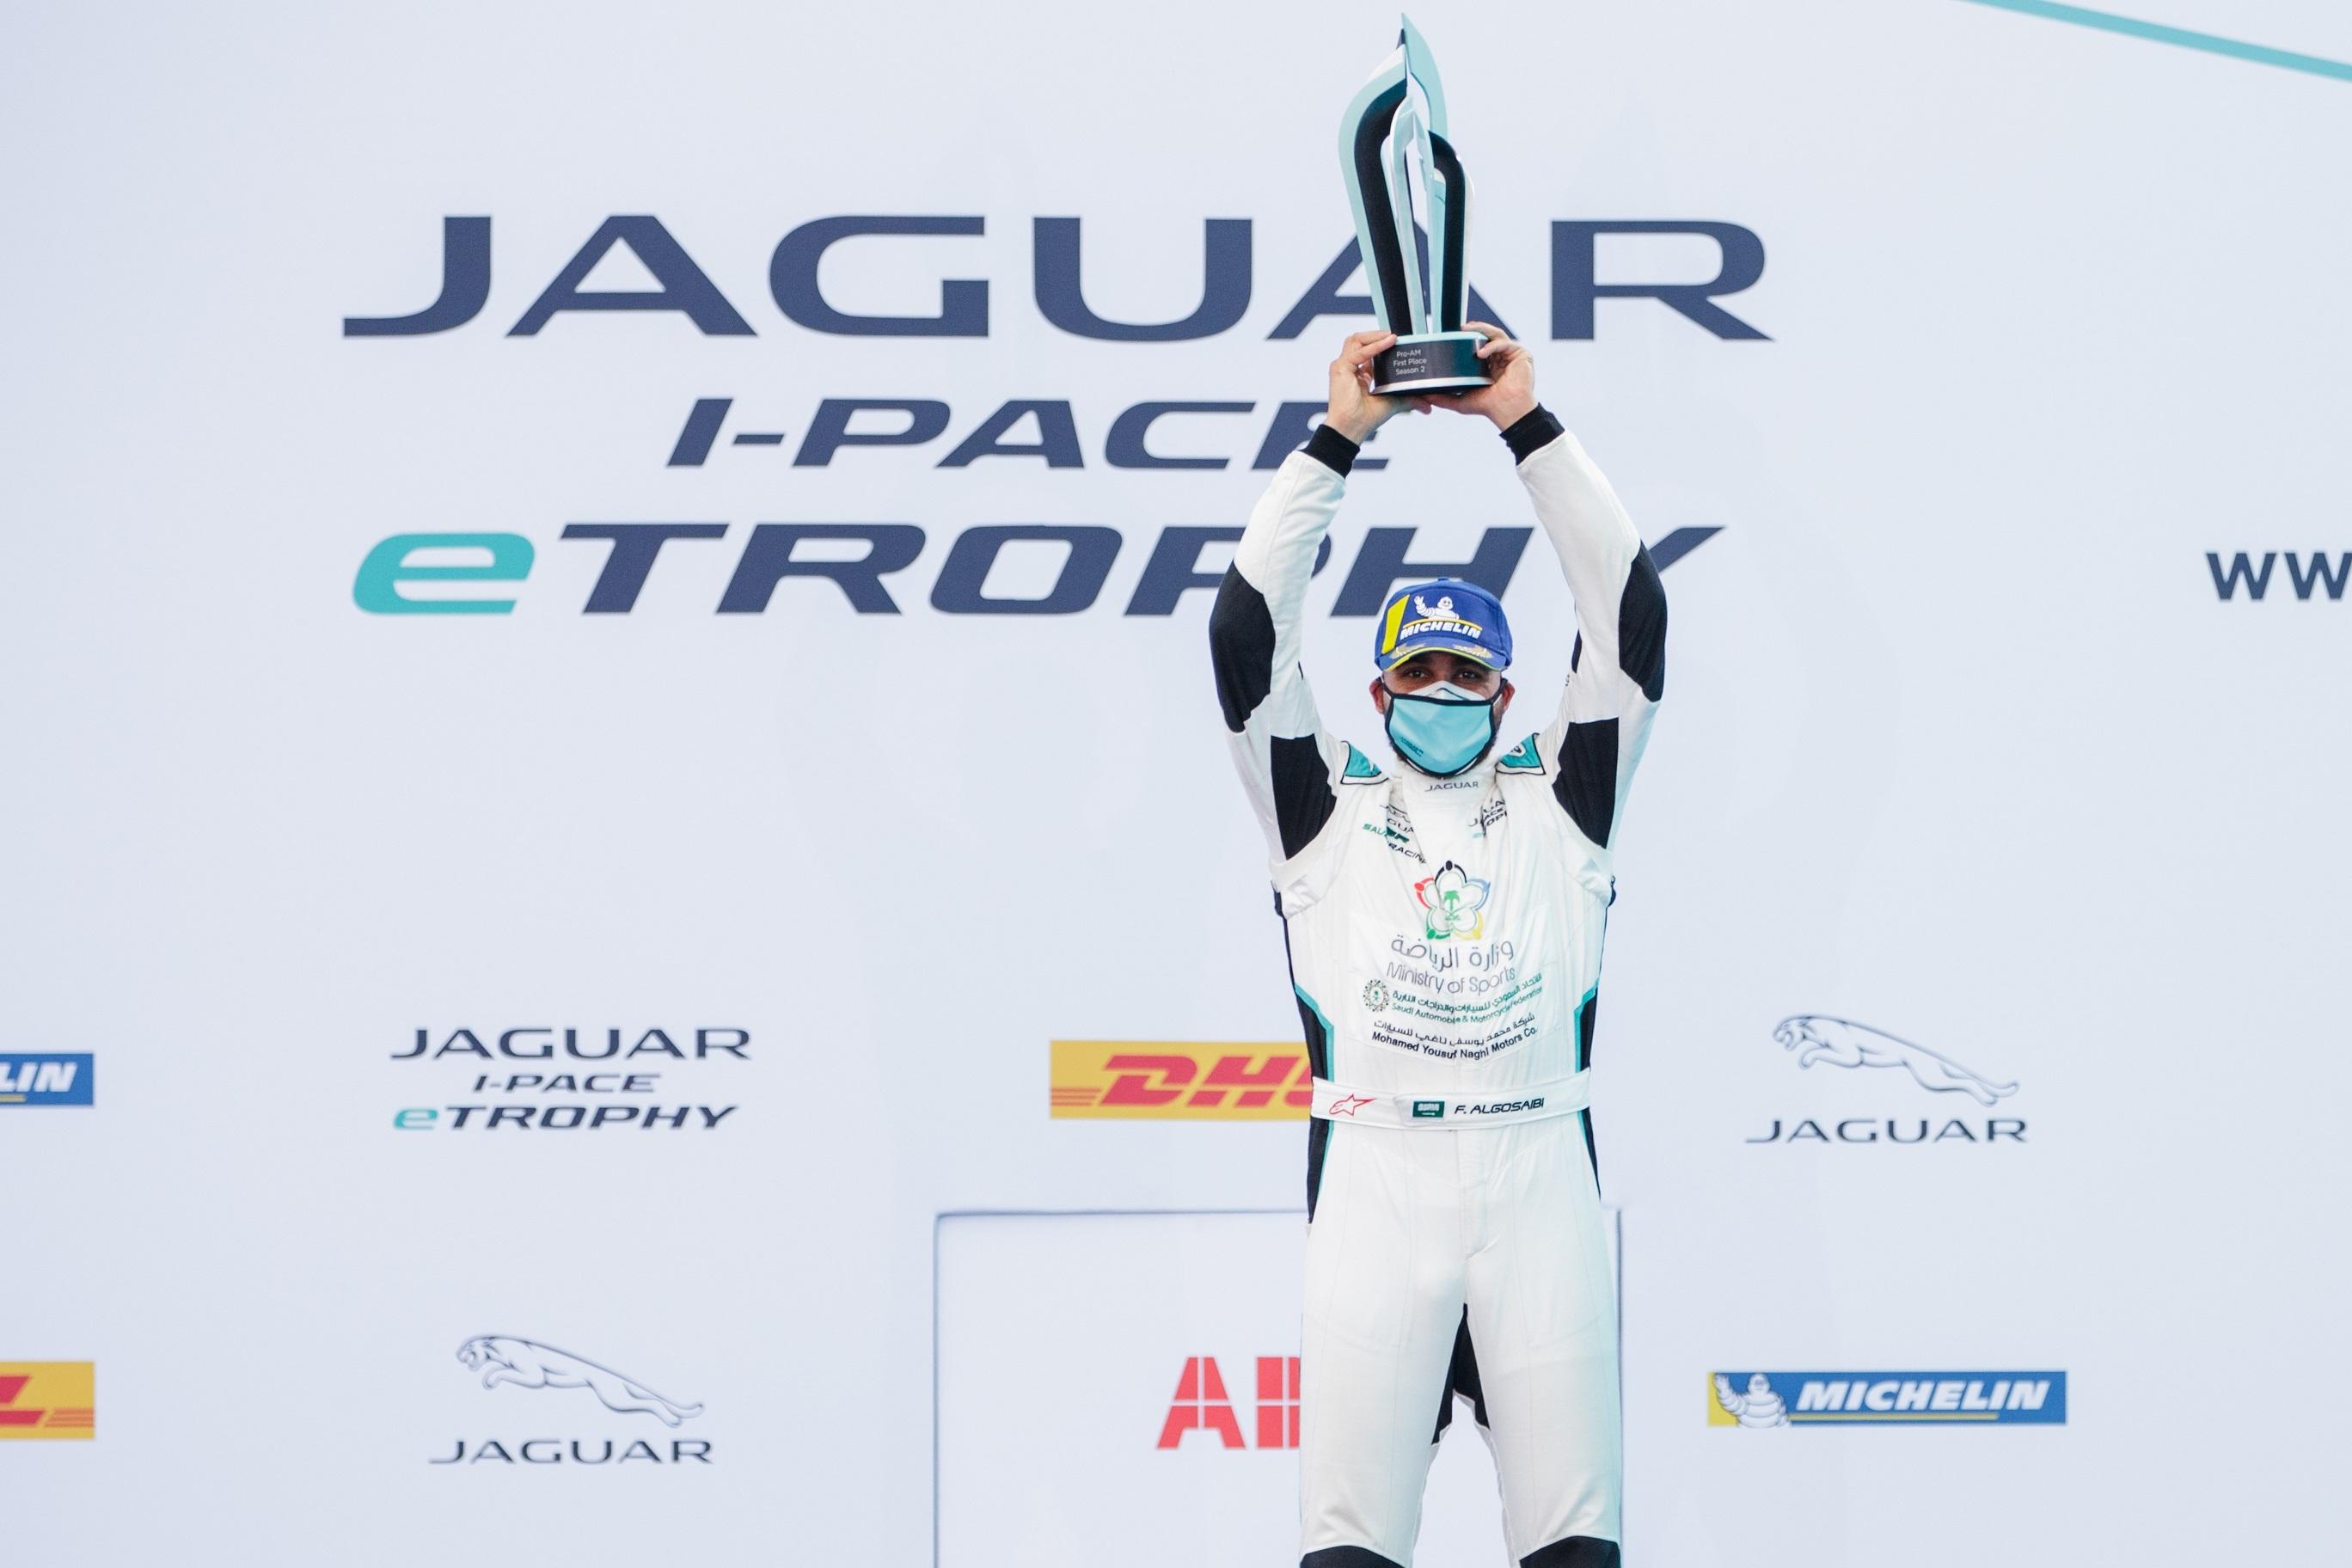 Simon Evans is the Jaguar i-Pace etrophy champion